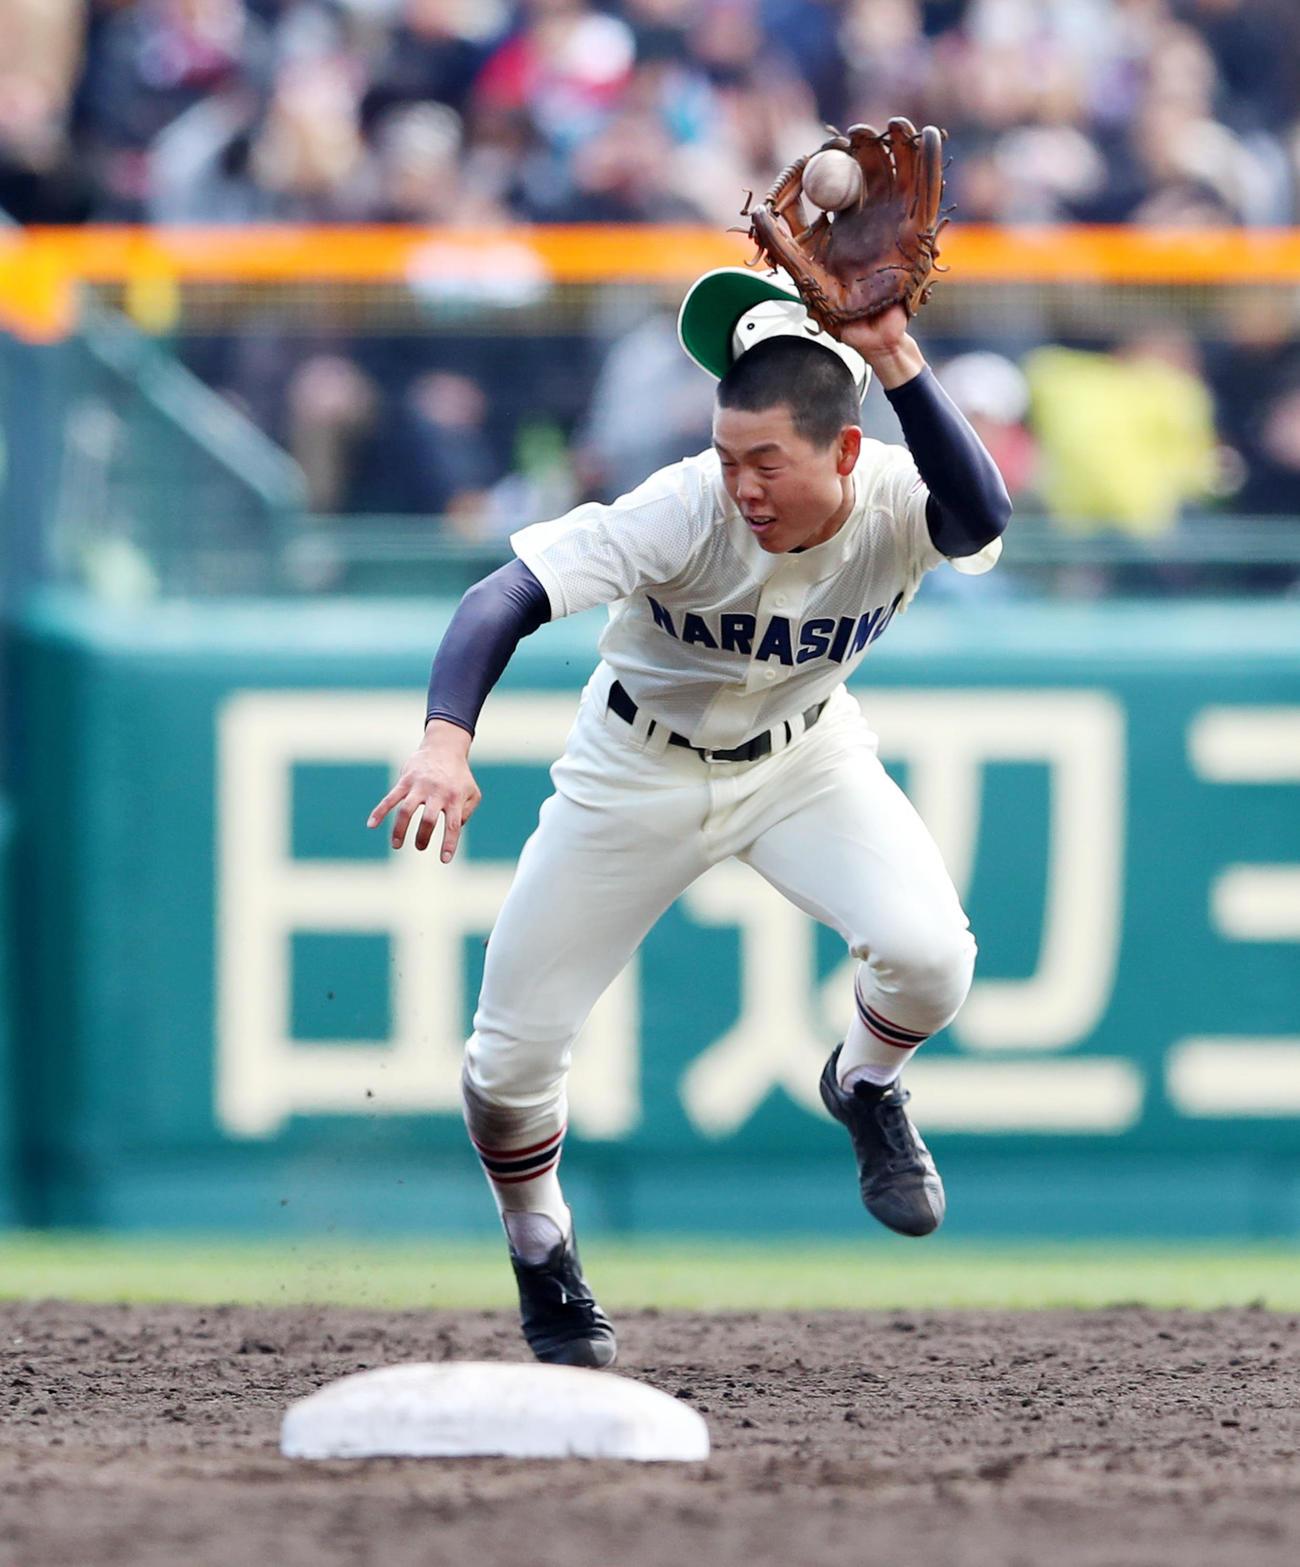 19年3月24日、日章学園戦で打球を好捕する習志野・角田